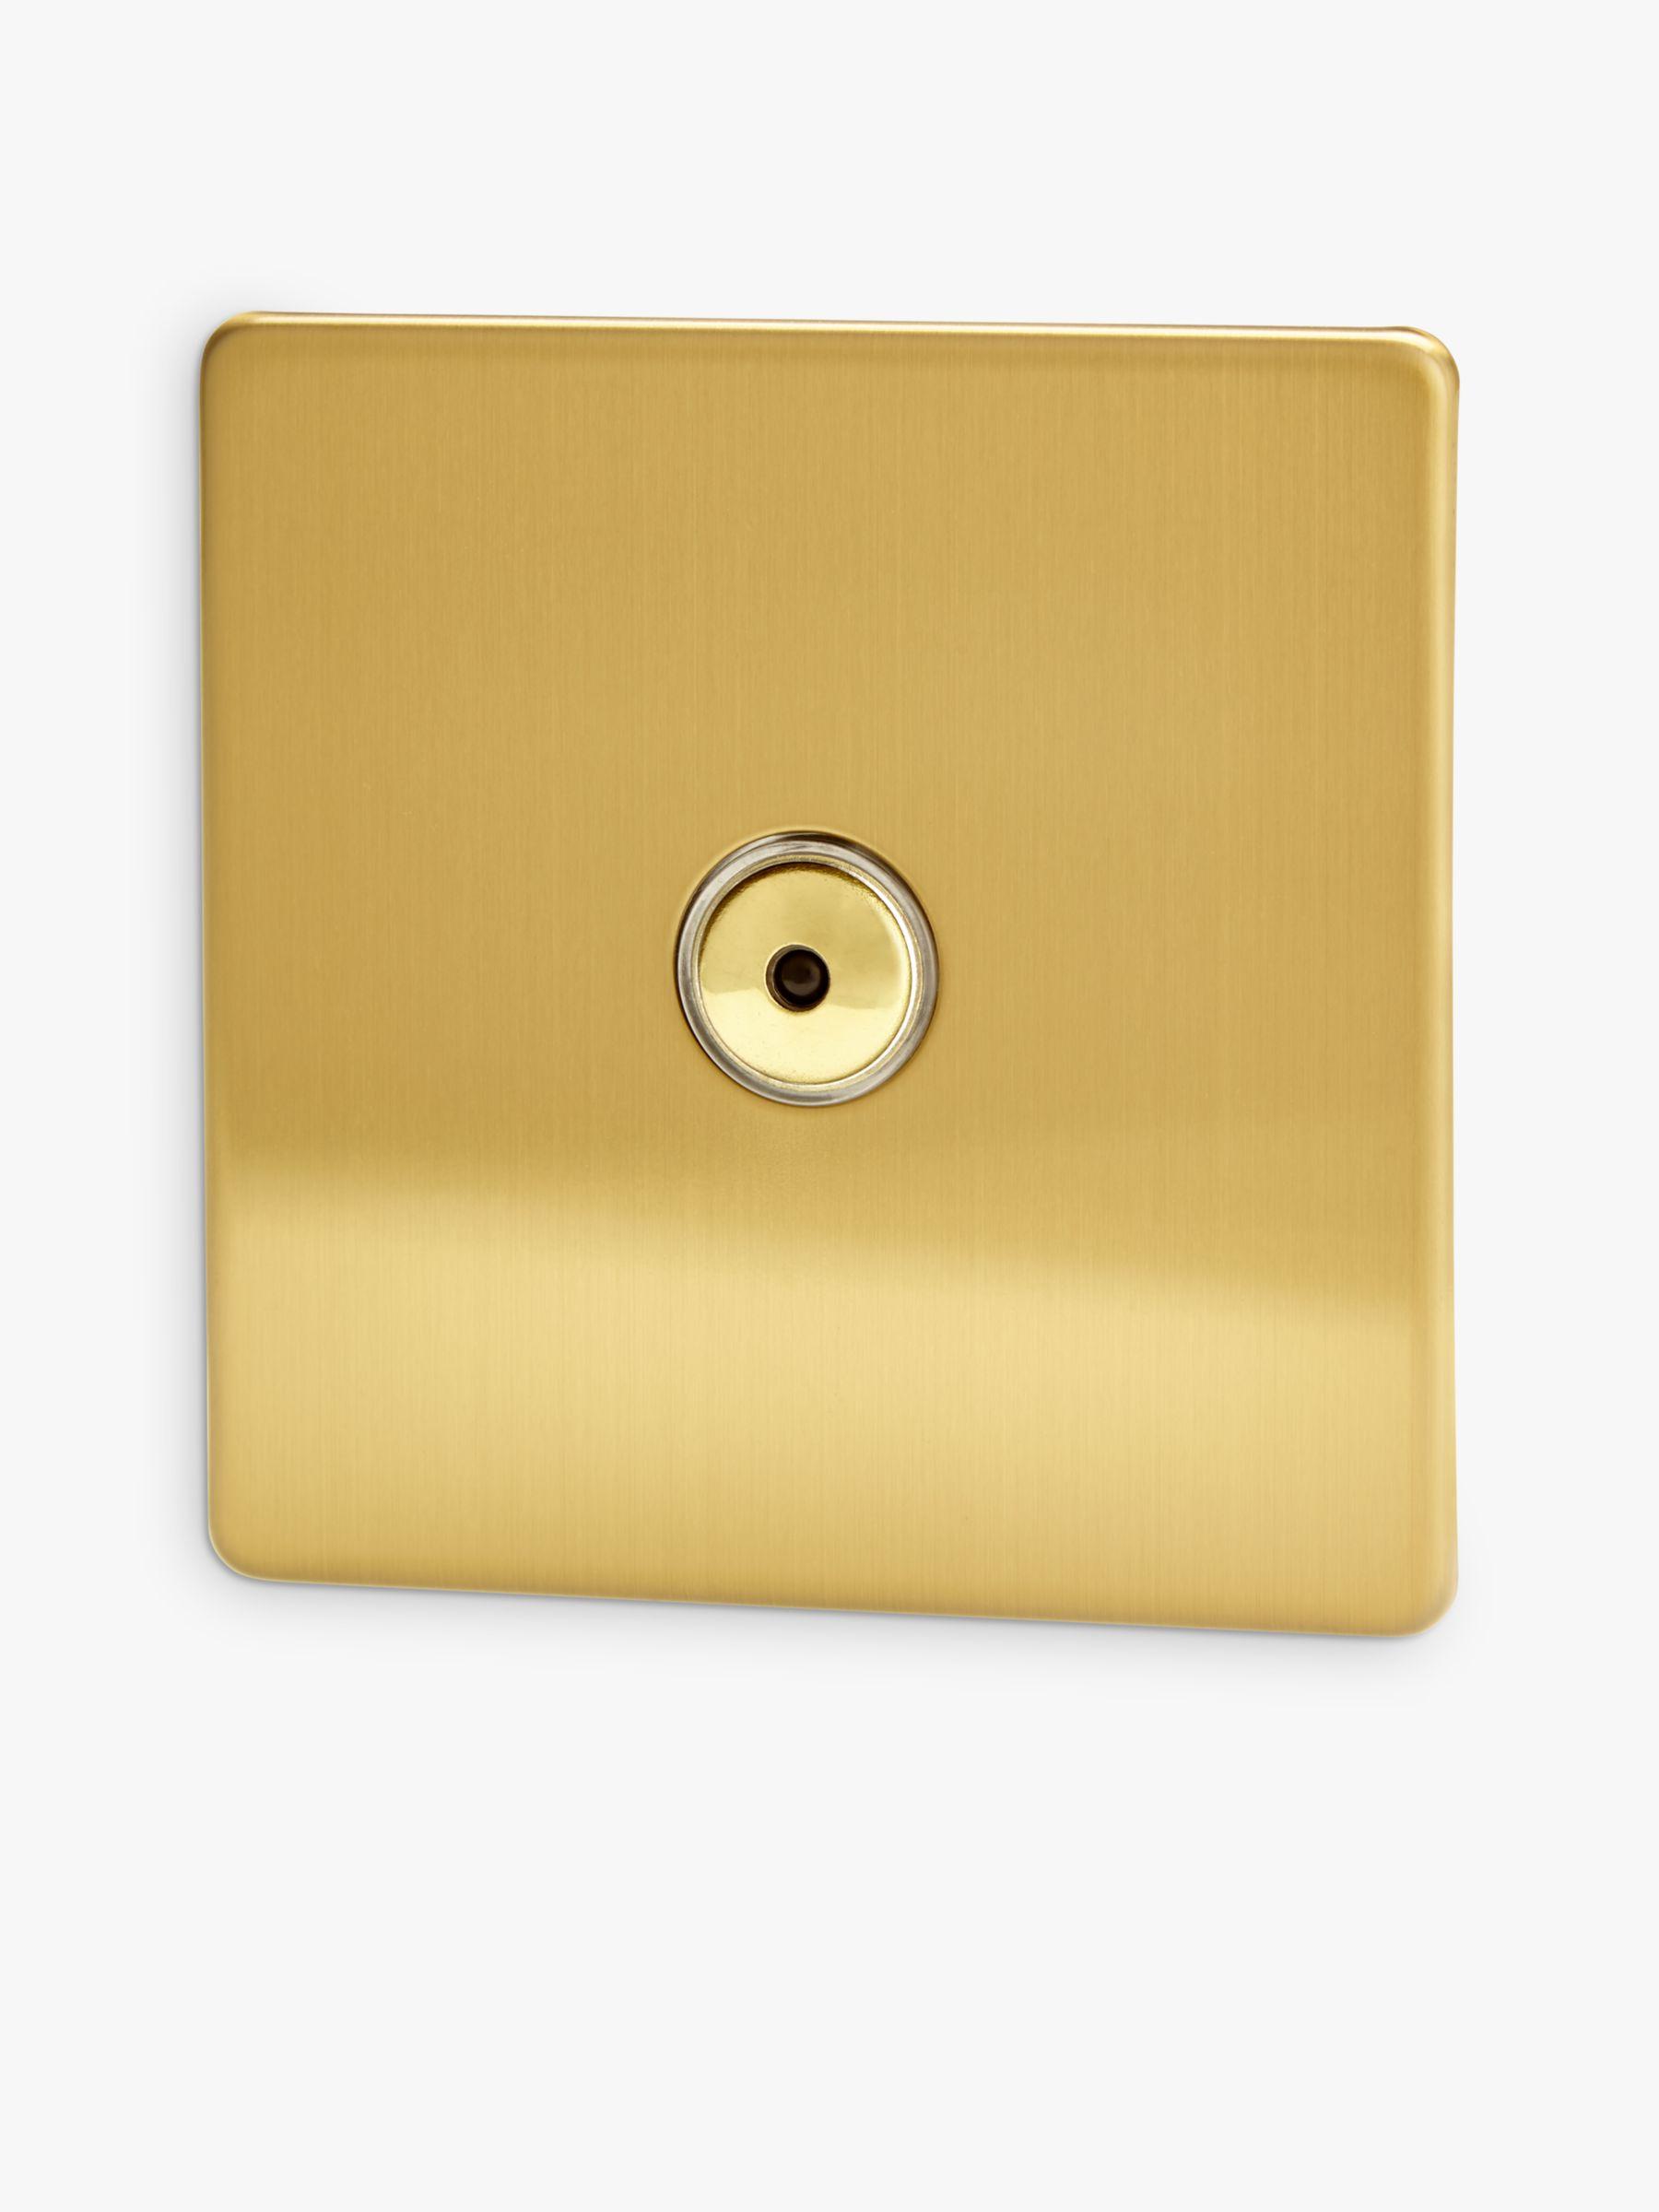 Varilight Varilight 1 Gang V-pro LED Remote Control Dimmer Switch, Brushed Brass